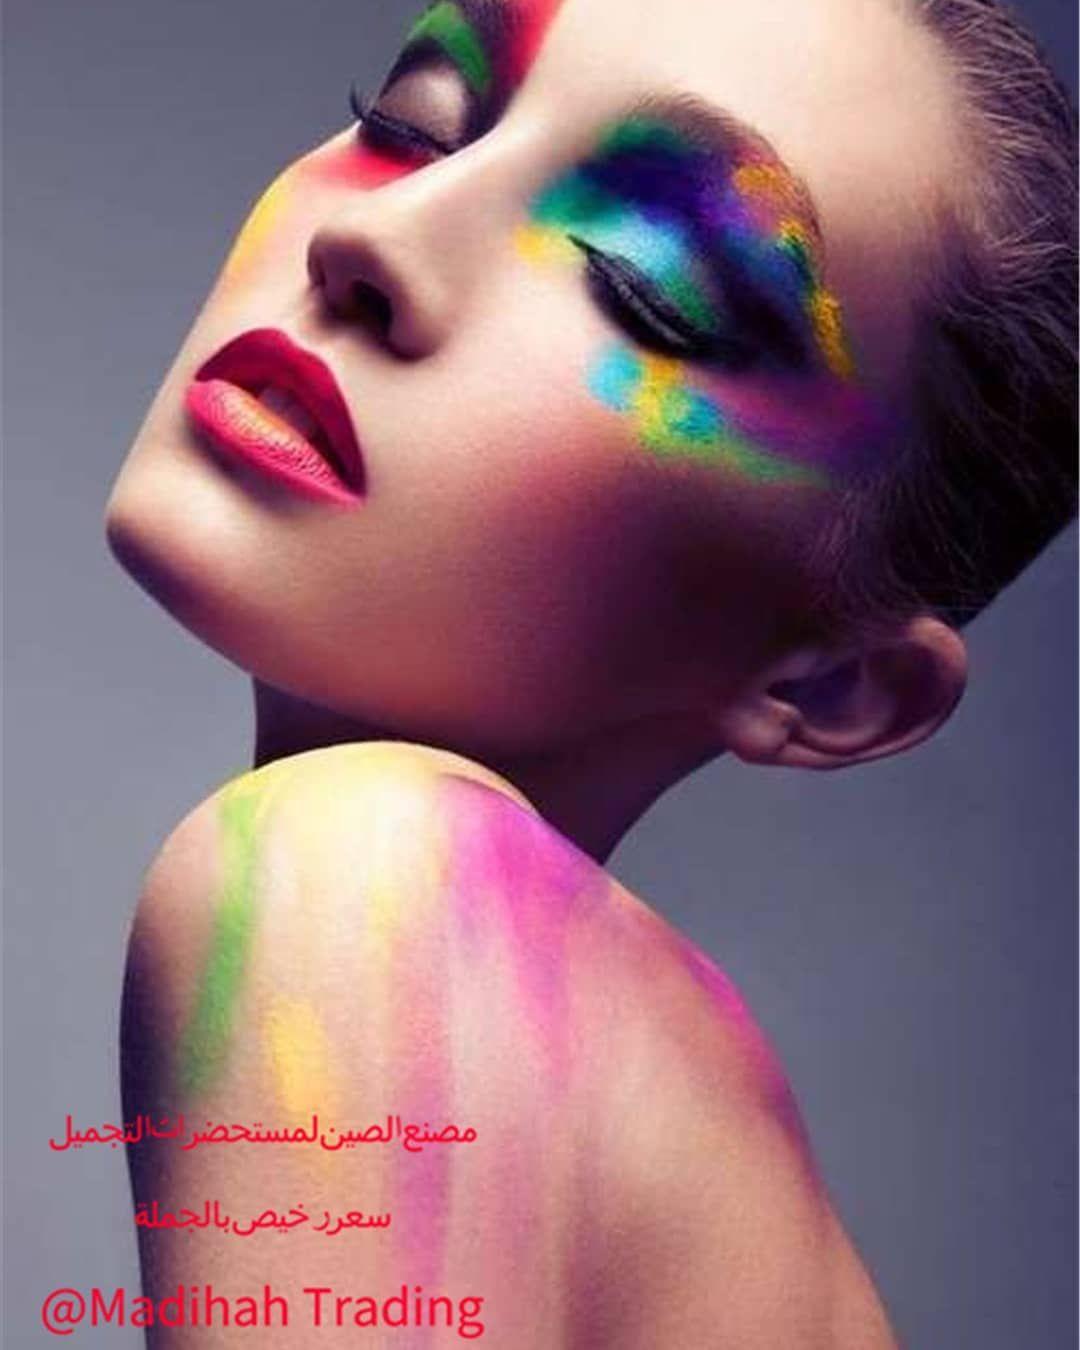 مصنع لصناعة مستحضرات التجميل مكياج الصين الغريب طريقة مكياج الصينيات ماكياج دبي مكياج دبي عيون Skin Photo Beauty Beauty Photography